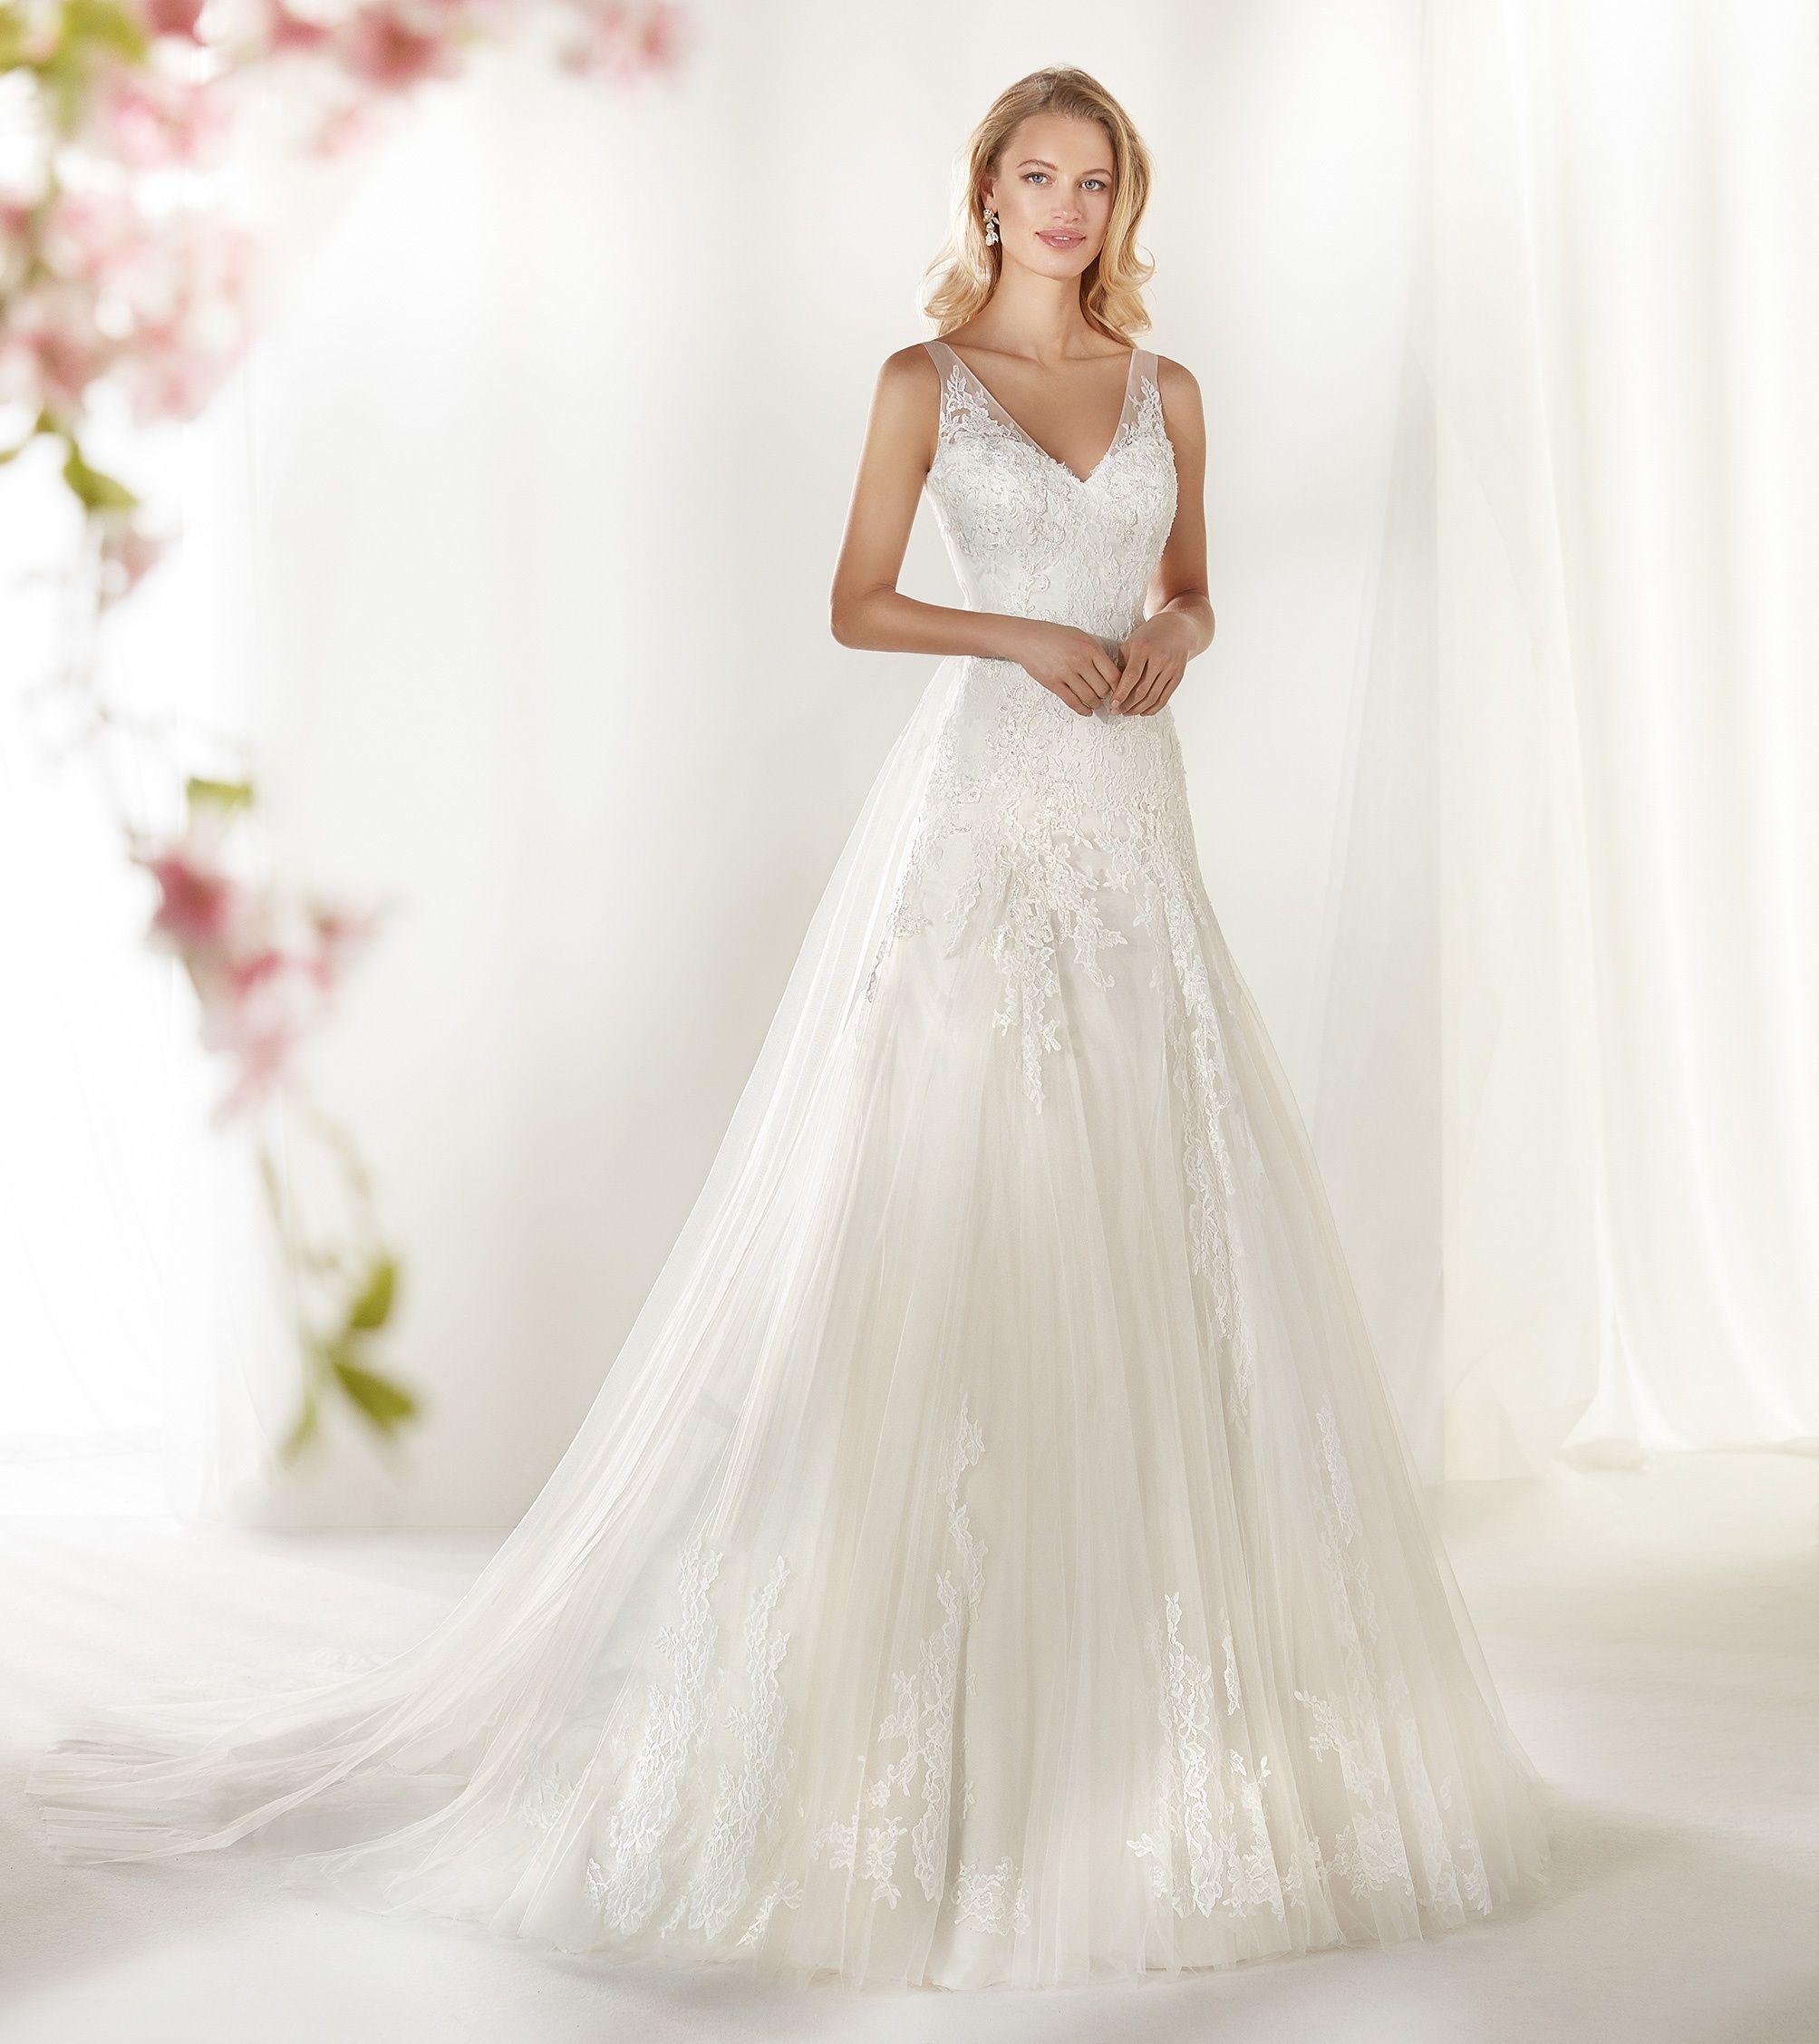 Moda Sposa 2019 Collezione Colet Coab19240 Abito Da Sposa Nicole Abito Da Sposa A Trapezio Abiti Da Sposa Glamour Abiti Da Sposa Da Sogno